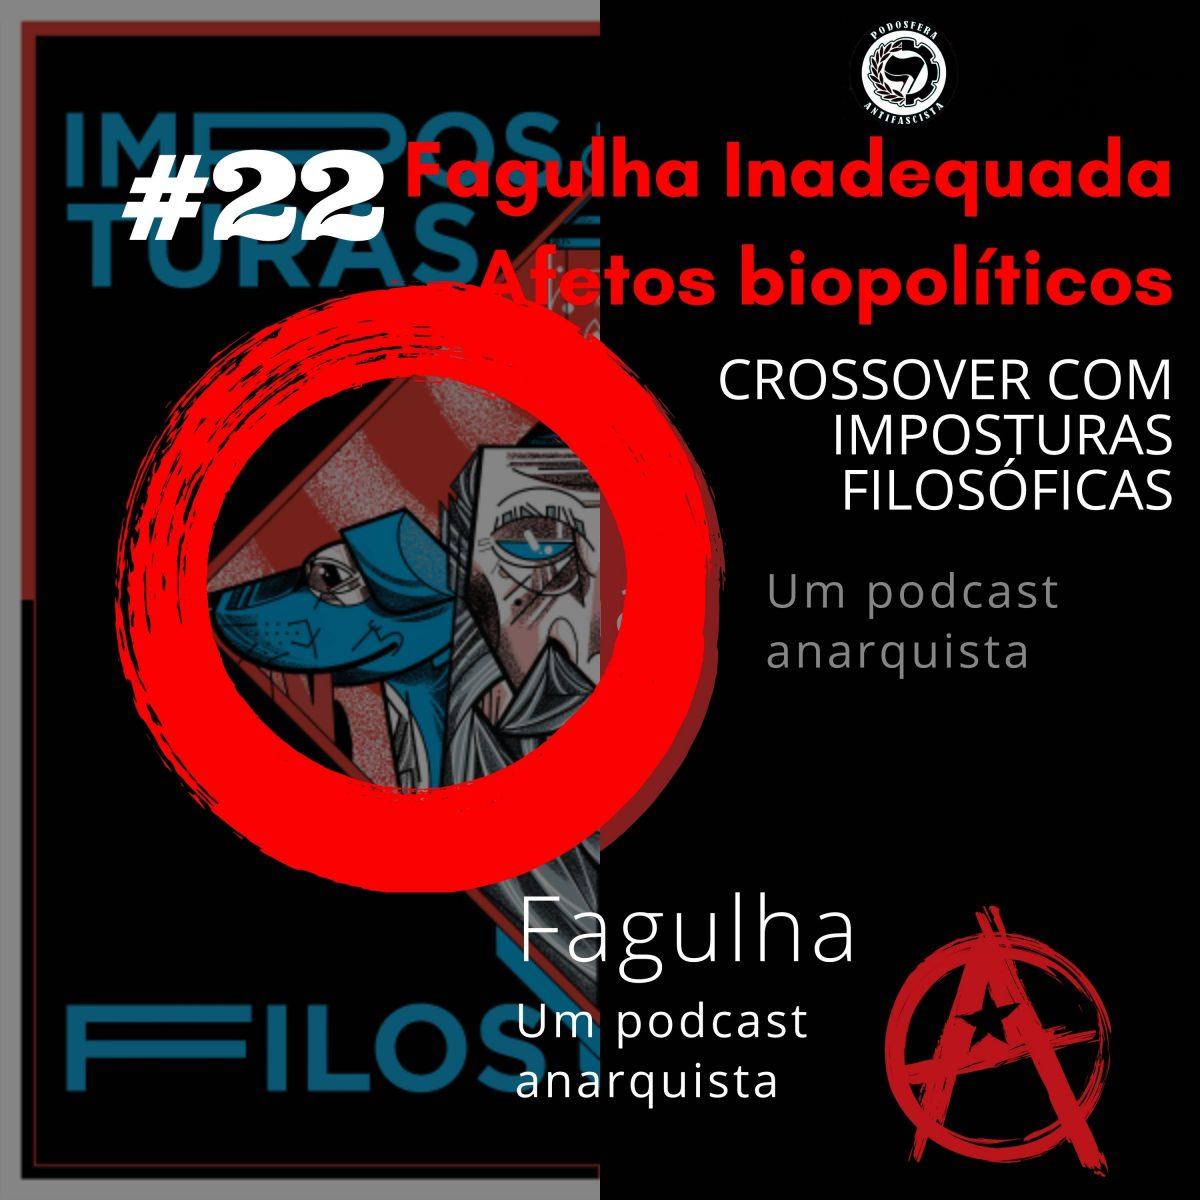 Fagulha #22: Fagulha Inadequada – Afetos biopolíticos